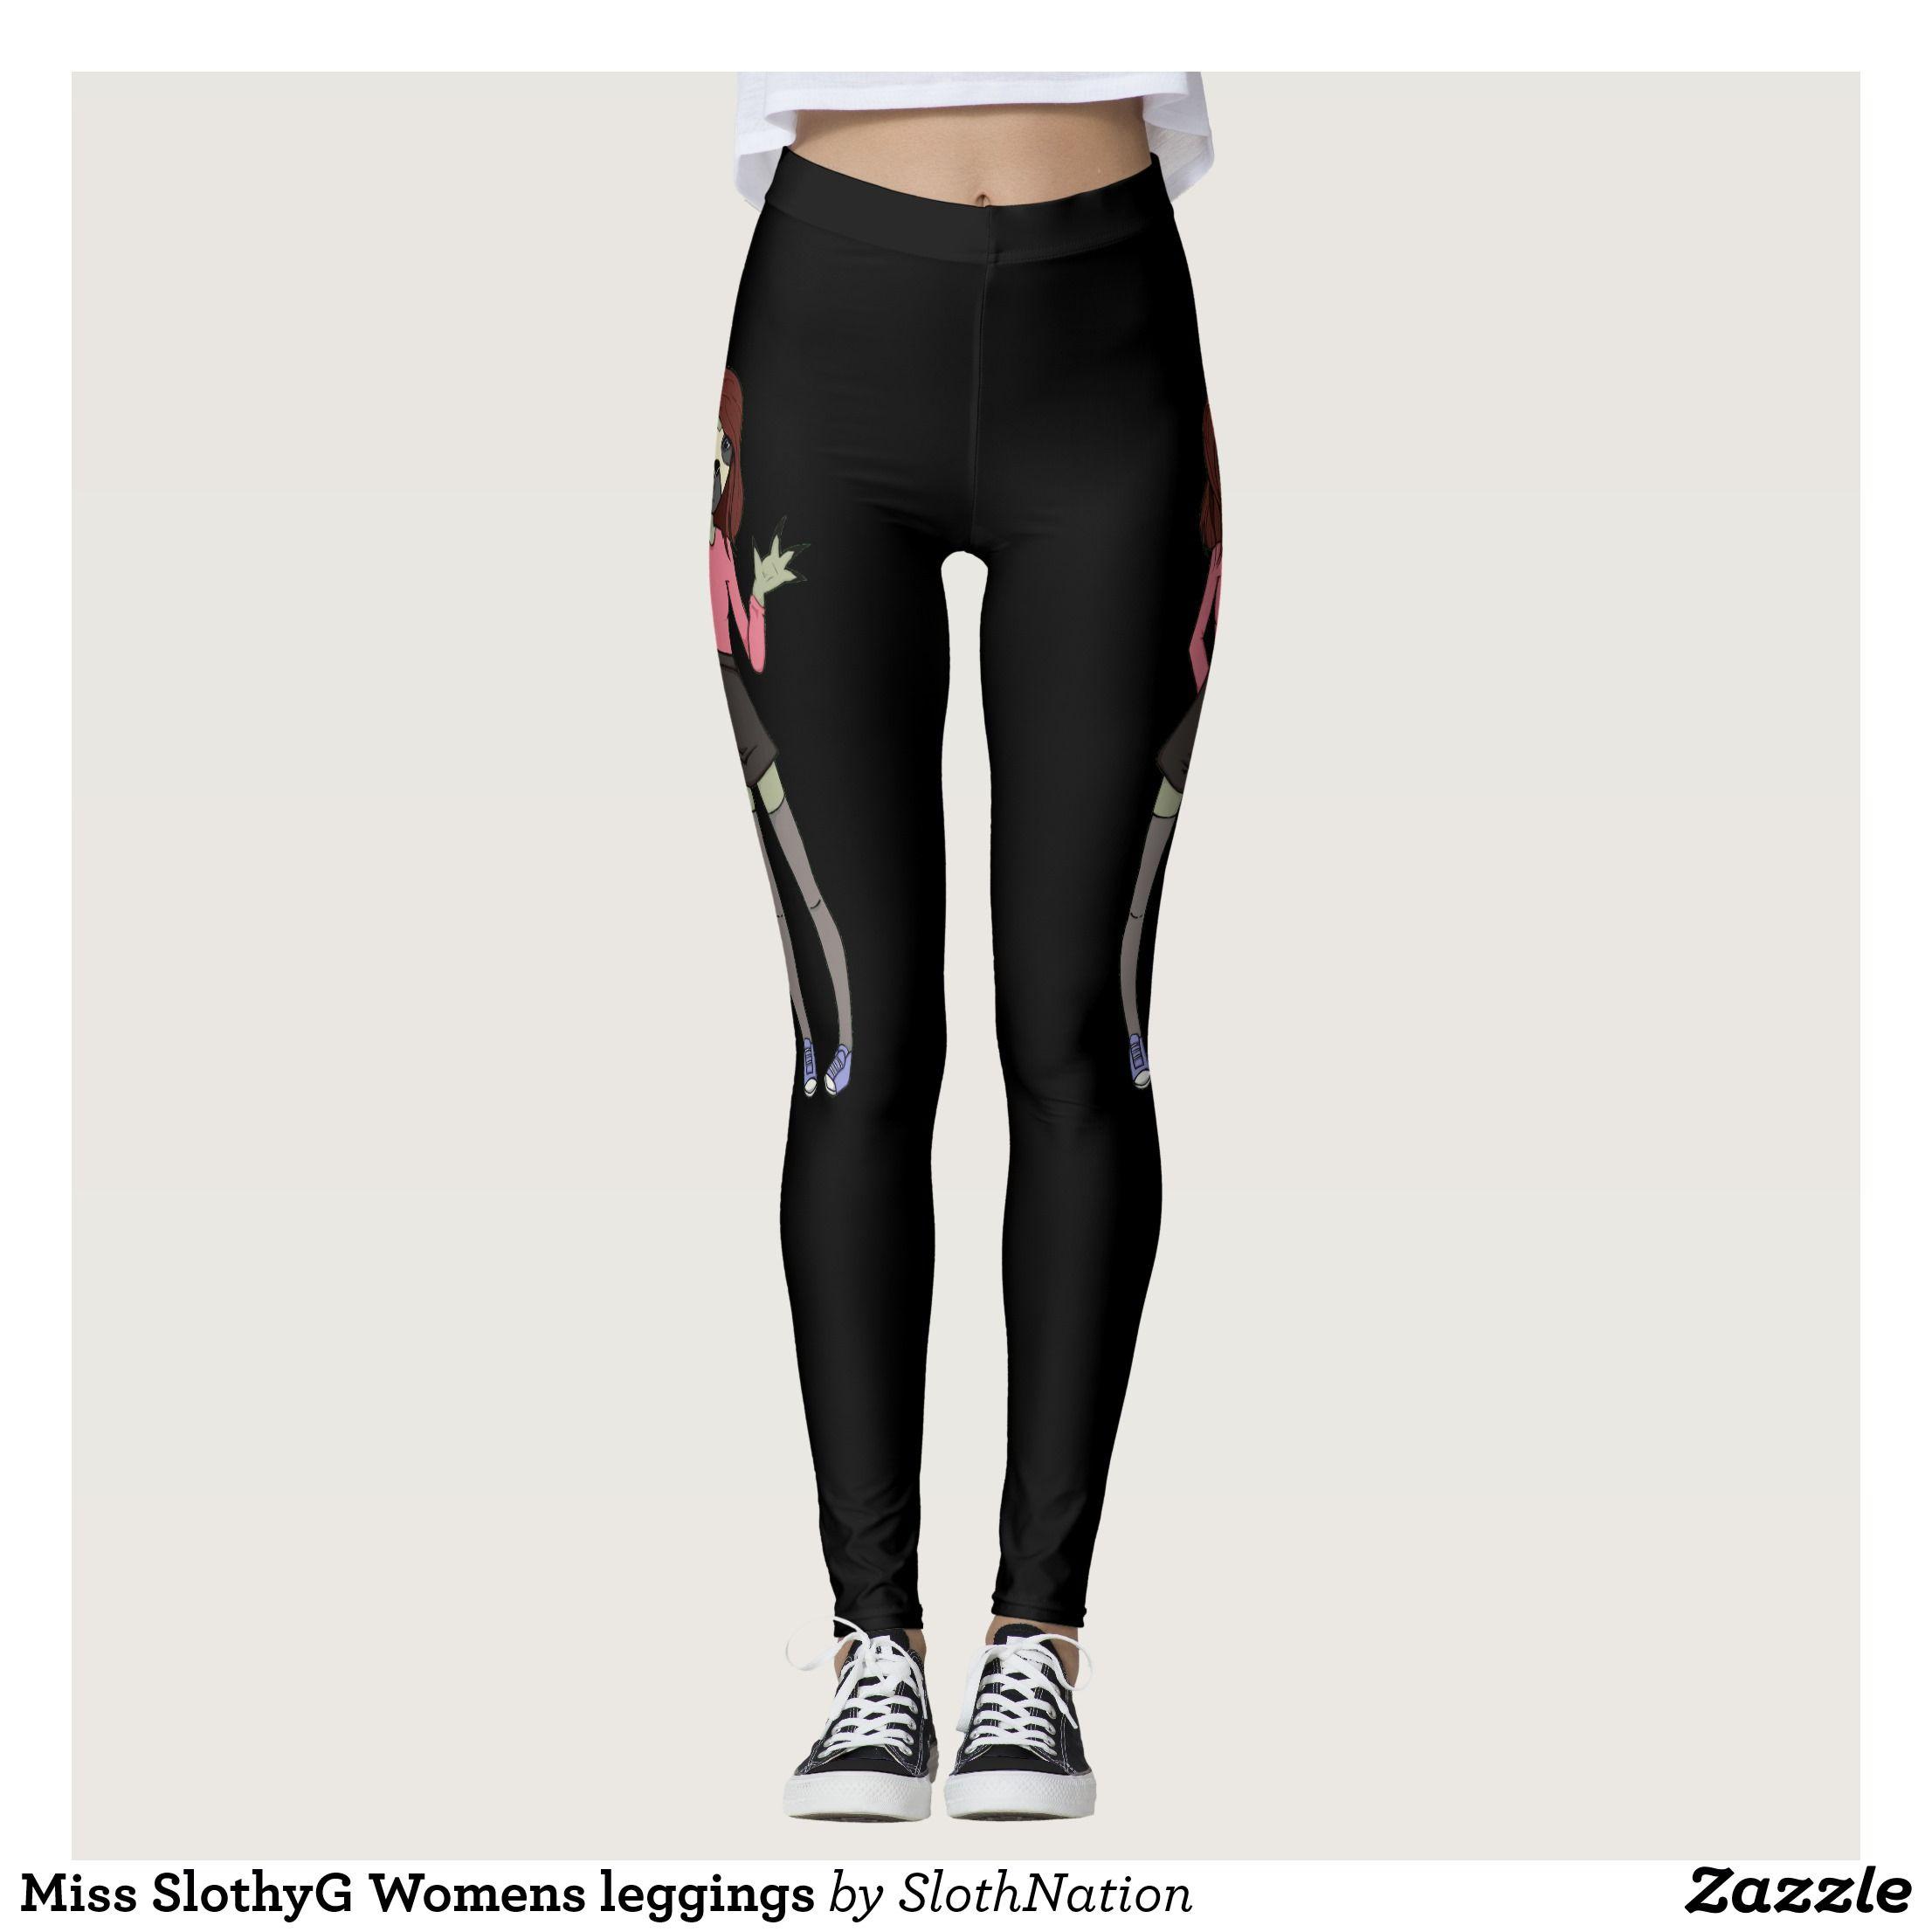 Miss SlothyG Womens leggings